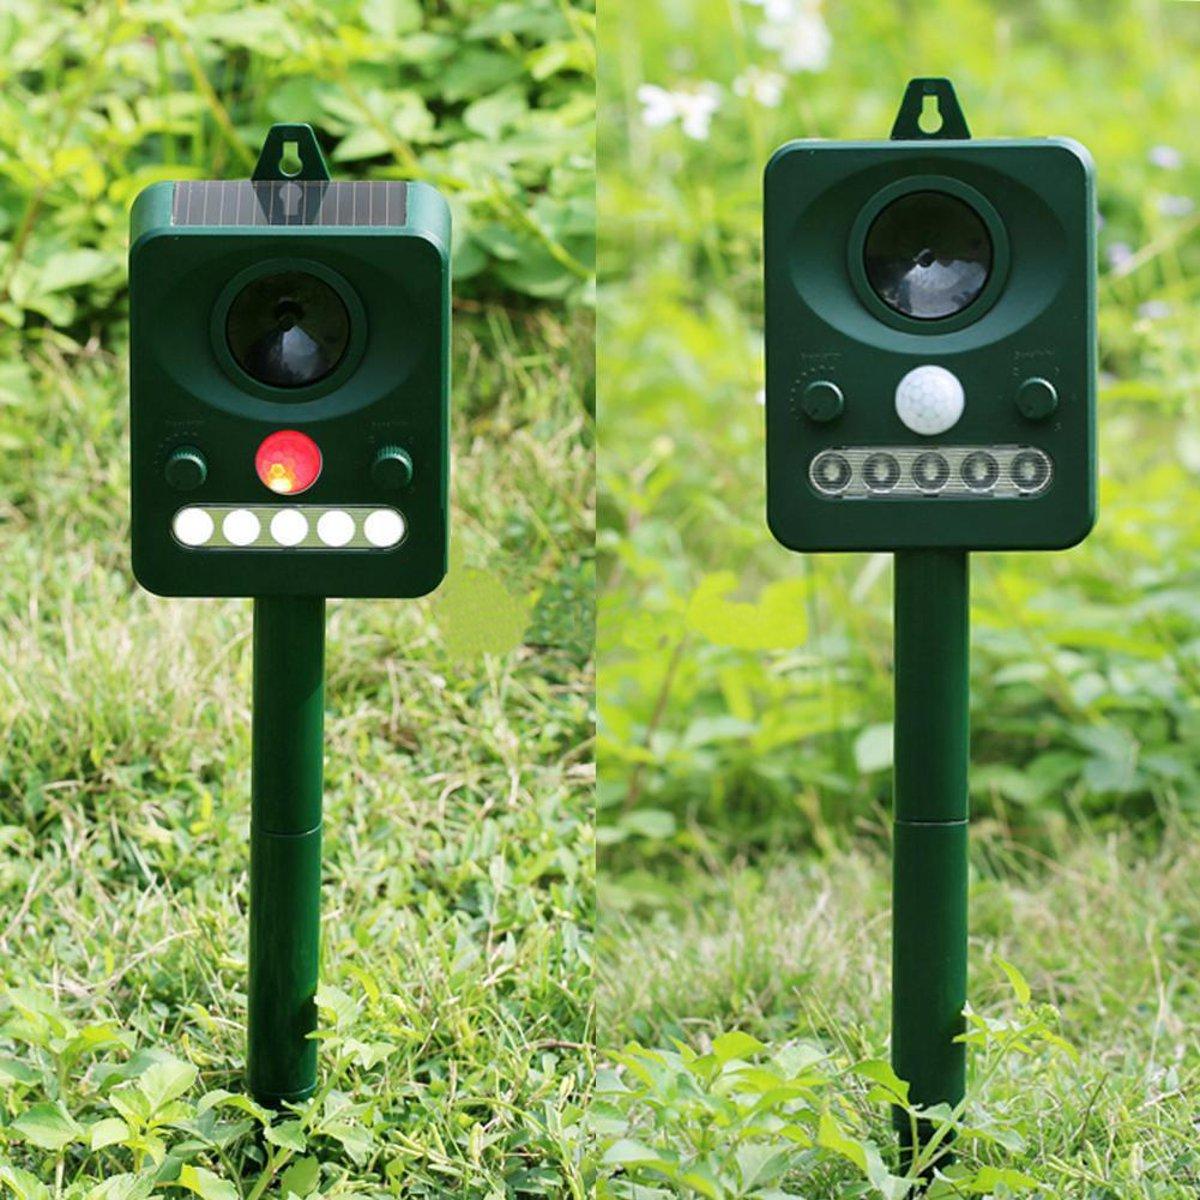 Outdoor Solar Power Ultrasonic Animal Control Repeller Garden Bats Birds Dogs Cats Repellent Deterrent Birds Scare Pest Control